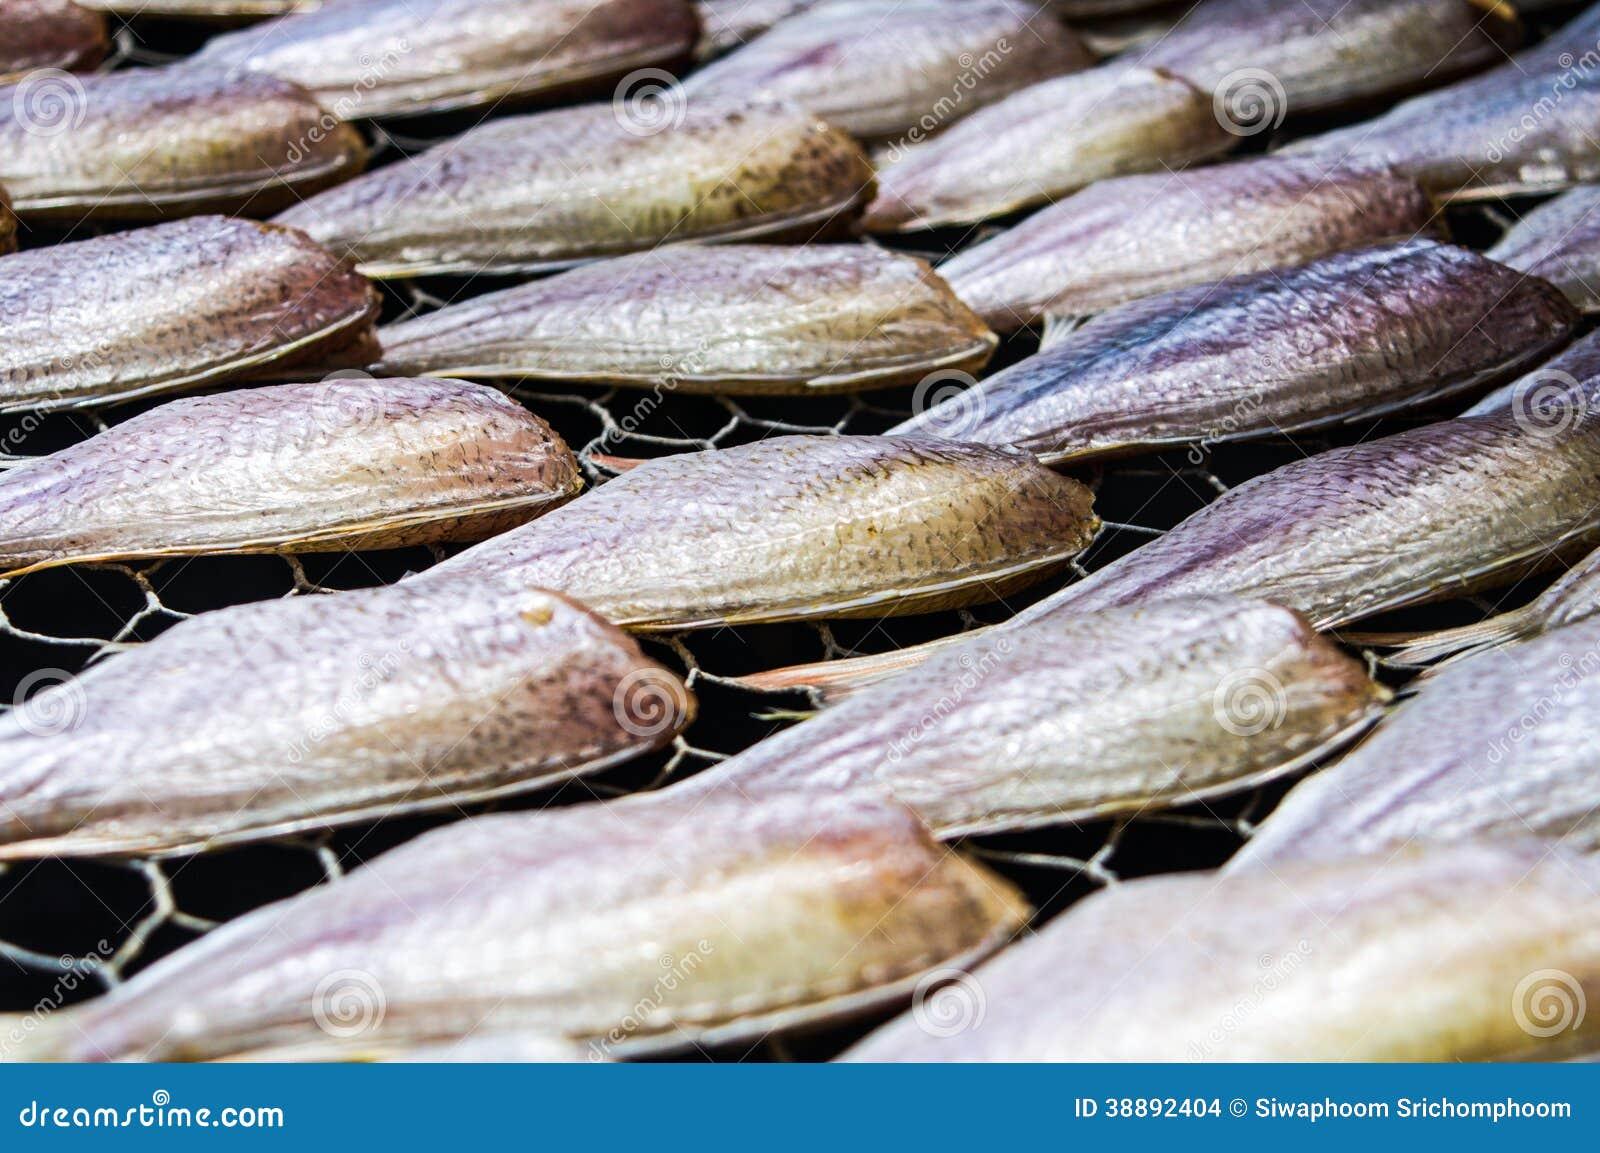 how to make fermeterd dry fish